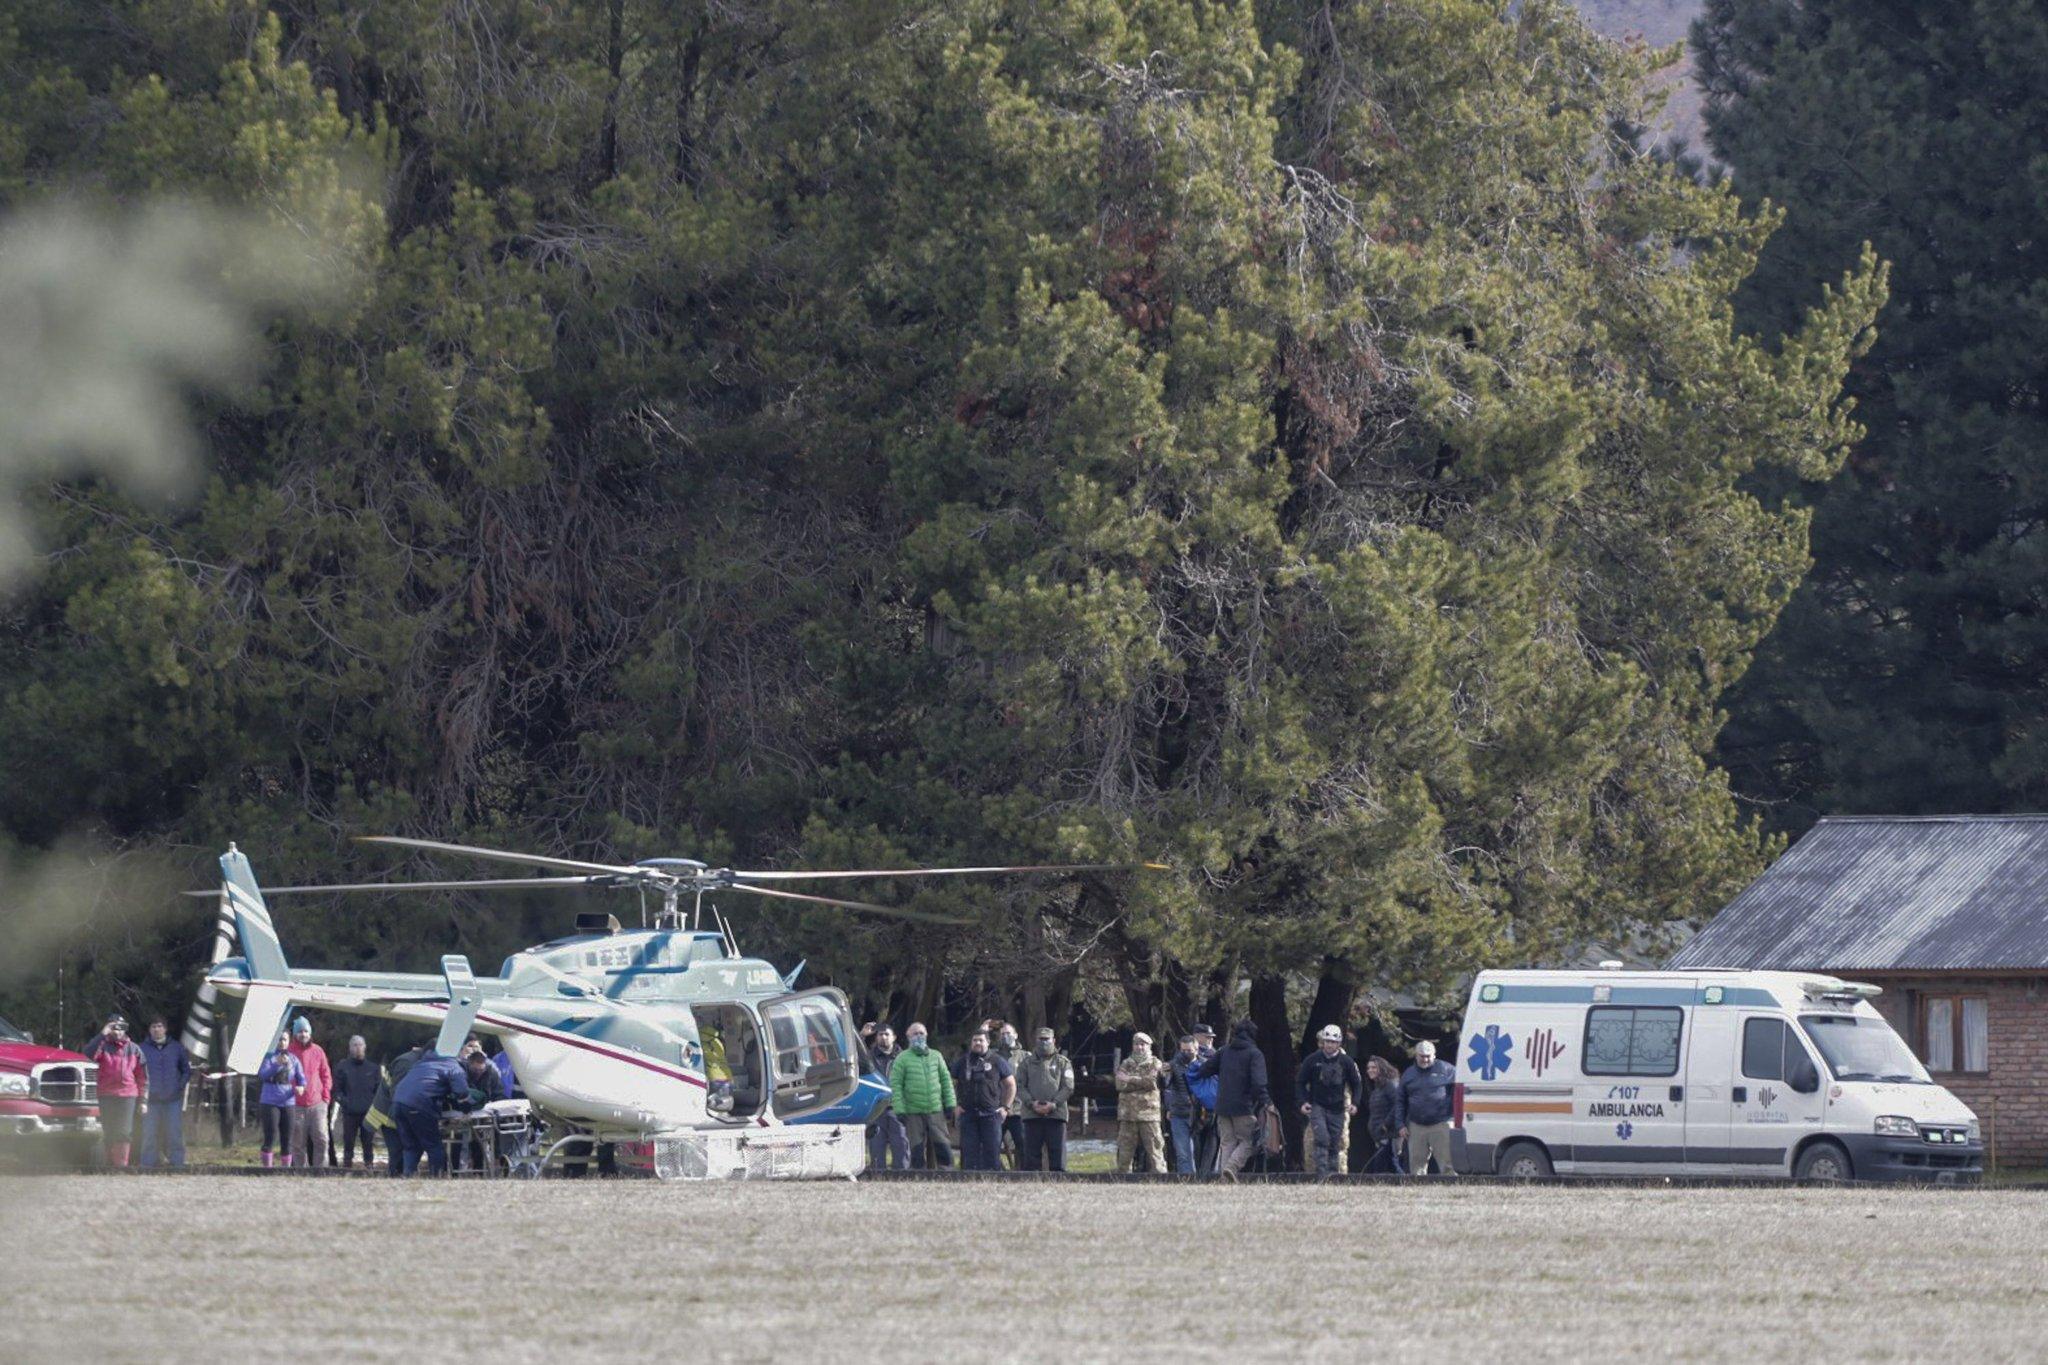 El arribo del helicópero con Ricardo Maffeis sano y a salvo. FOTO: FEDERICO SOTO